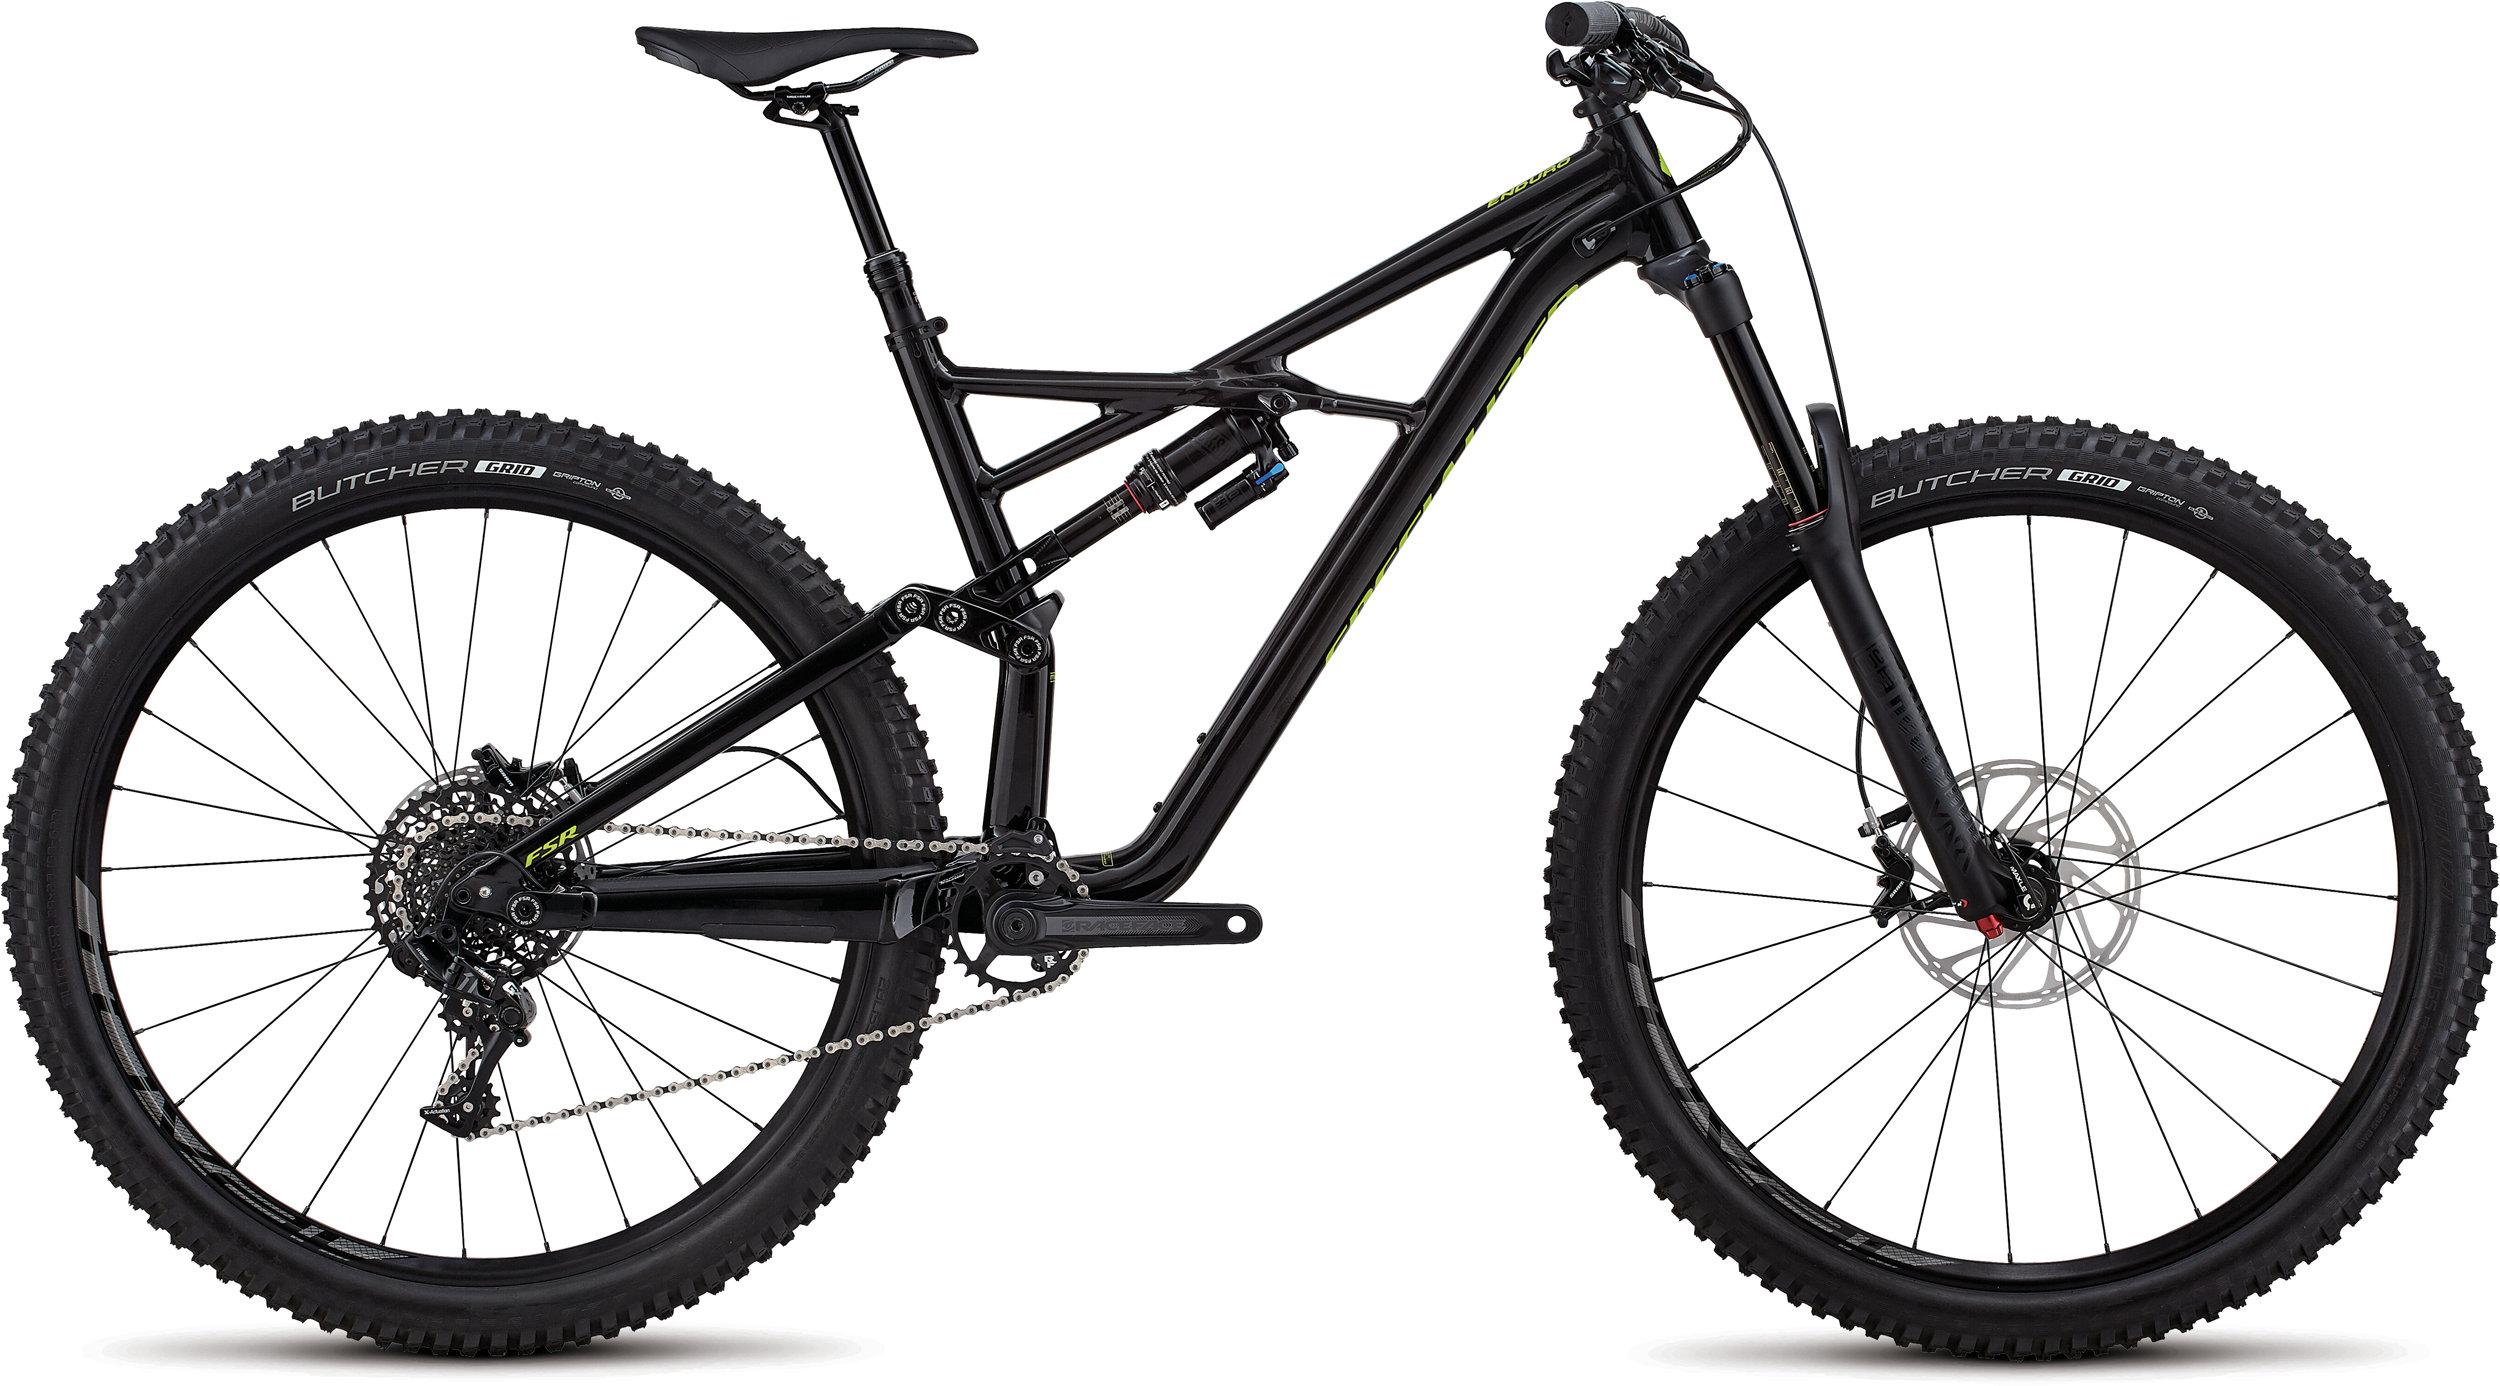 Specialized Enduro Comp 29/6Fattie GLOSS BLACK / HYPER S - Bike Maniac